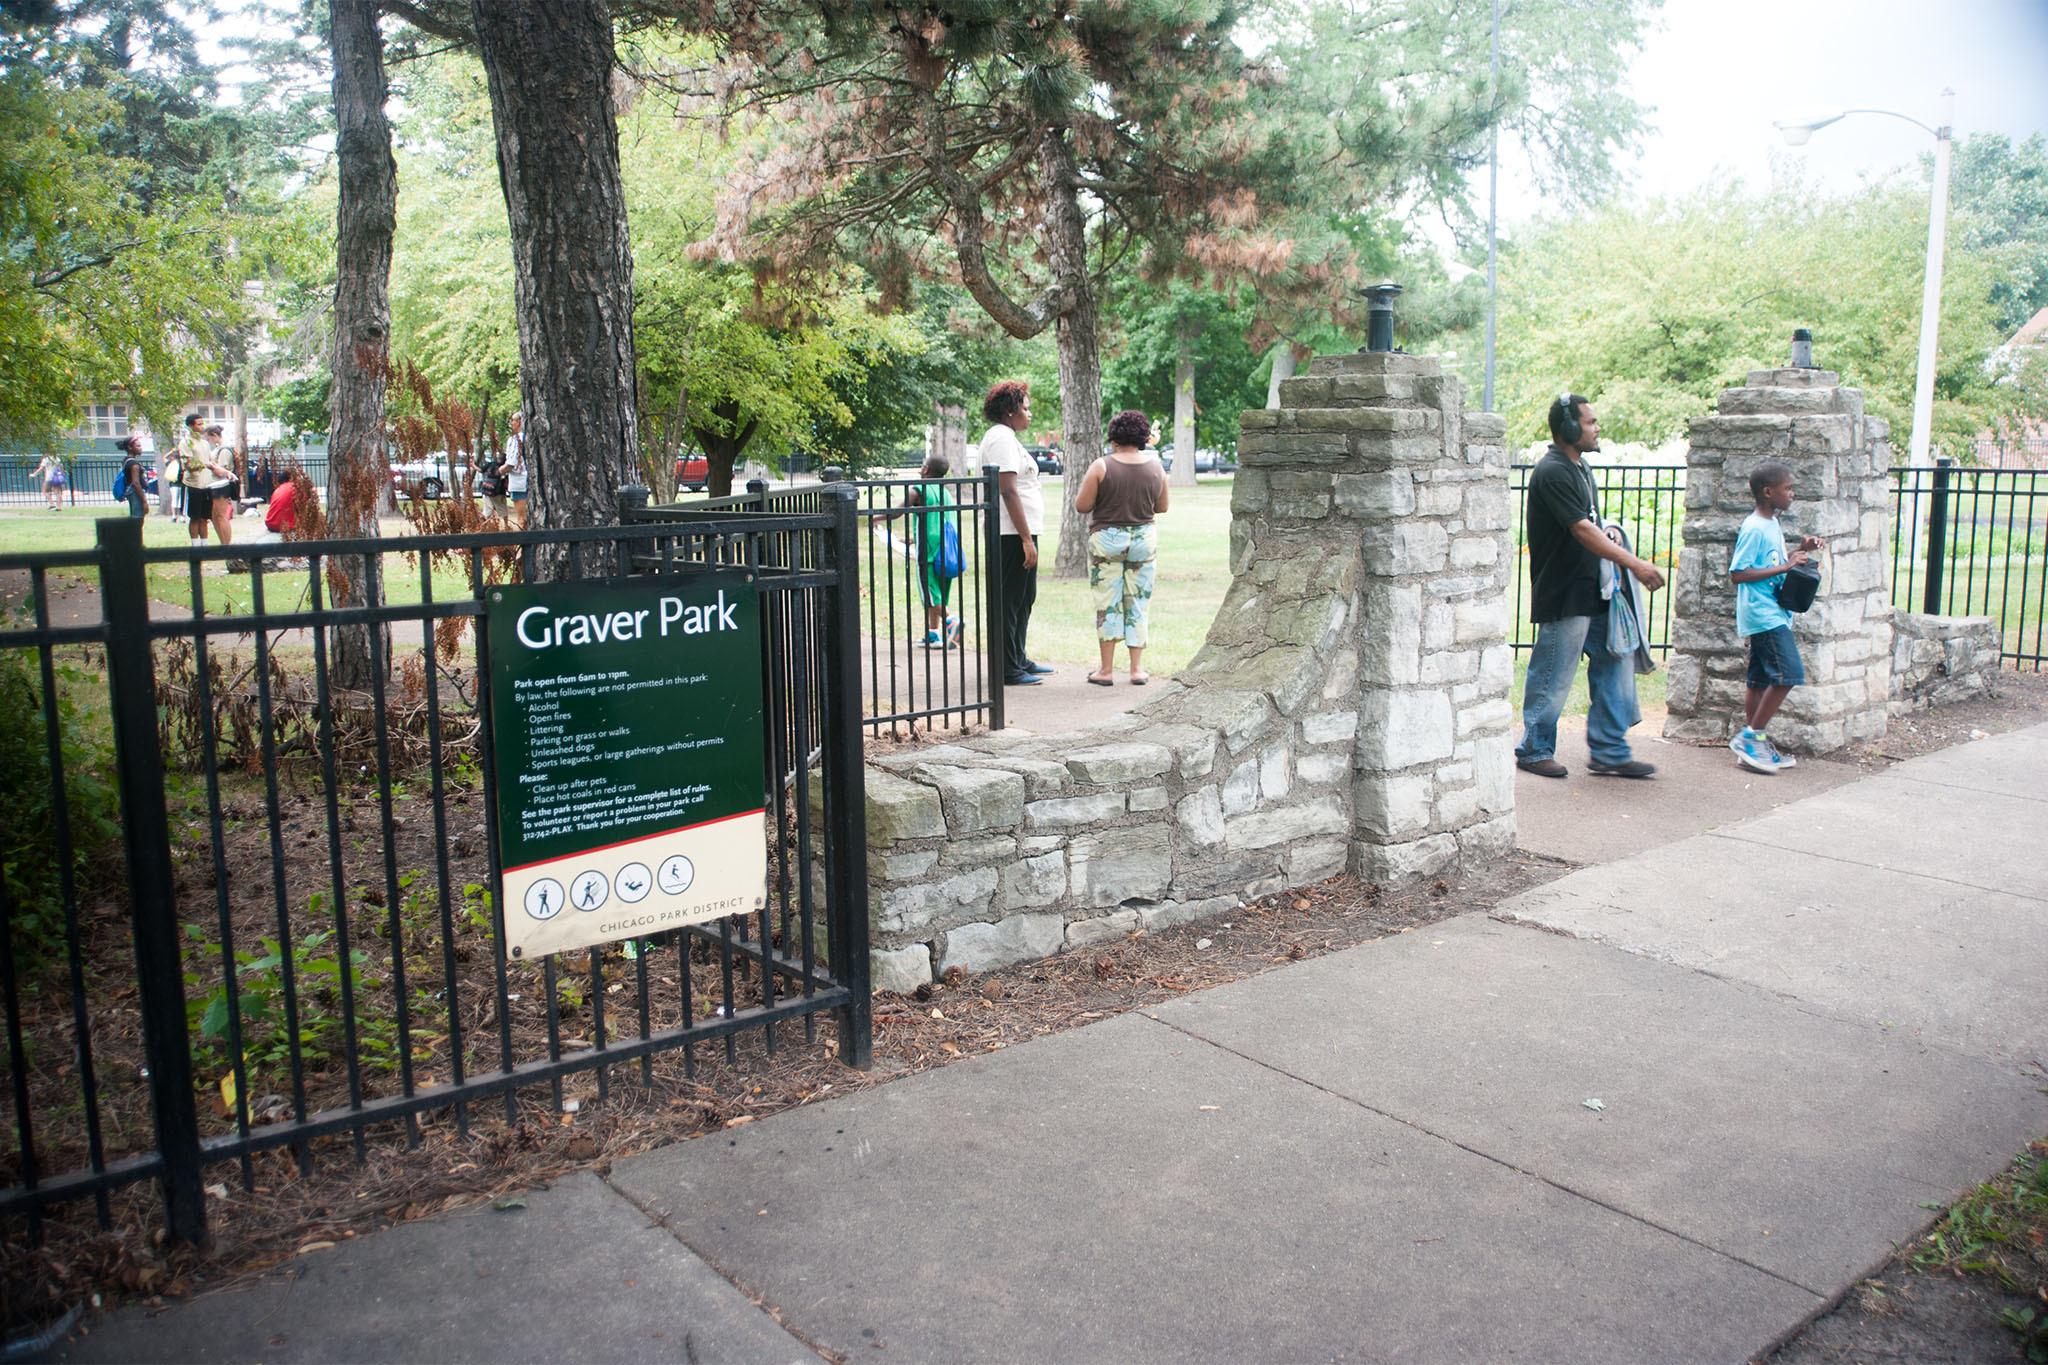 Graver Park